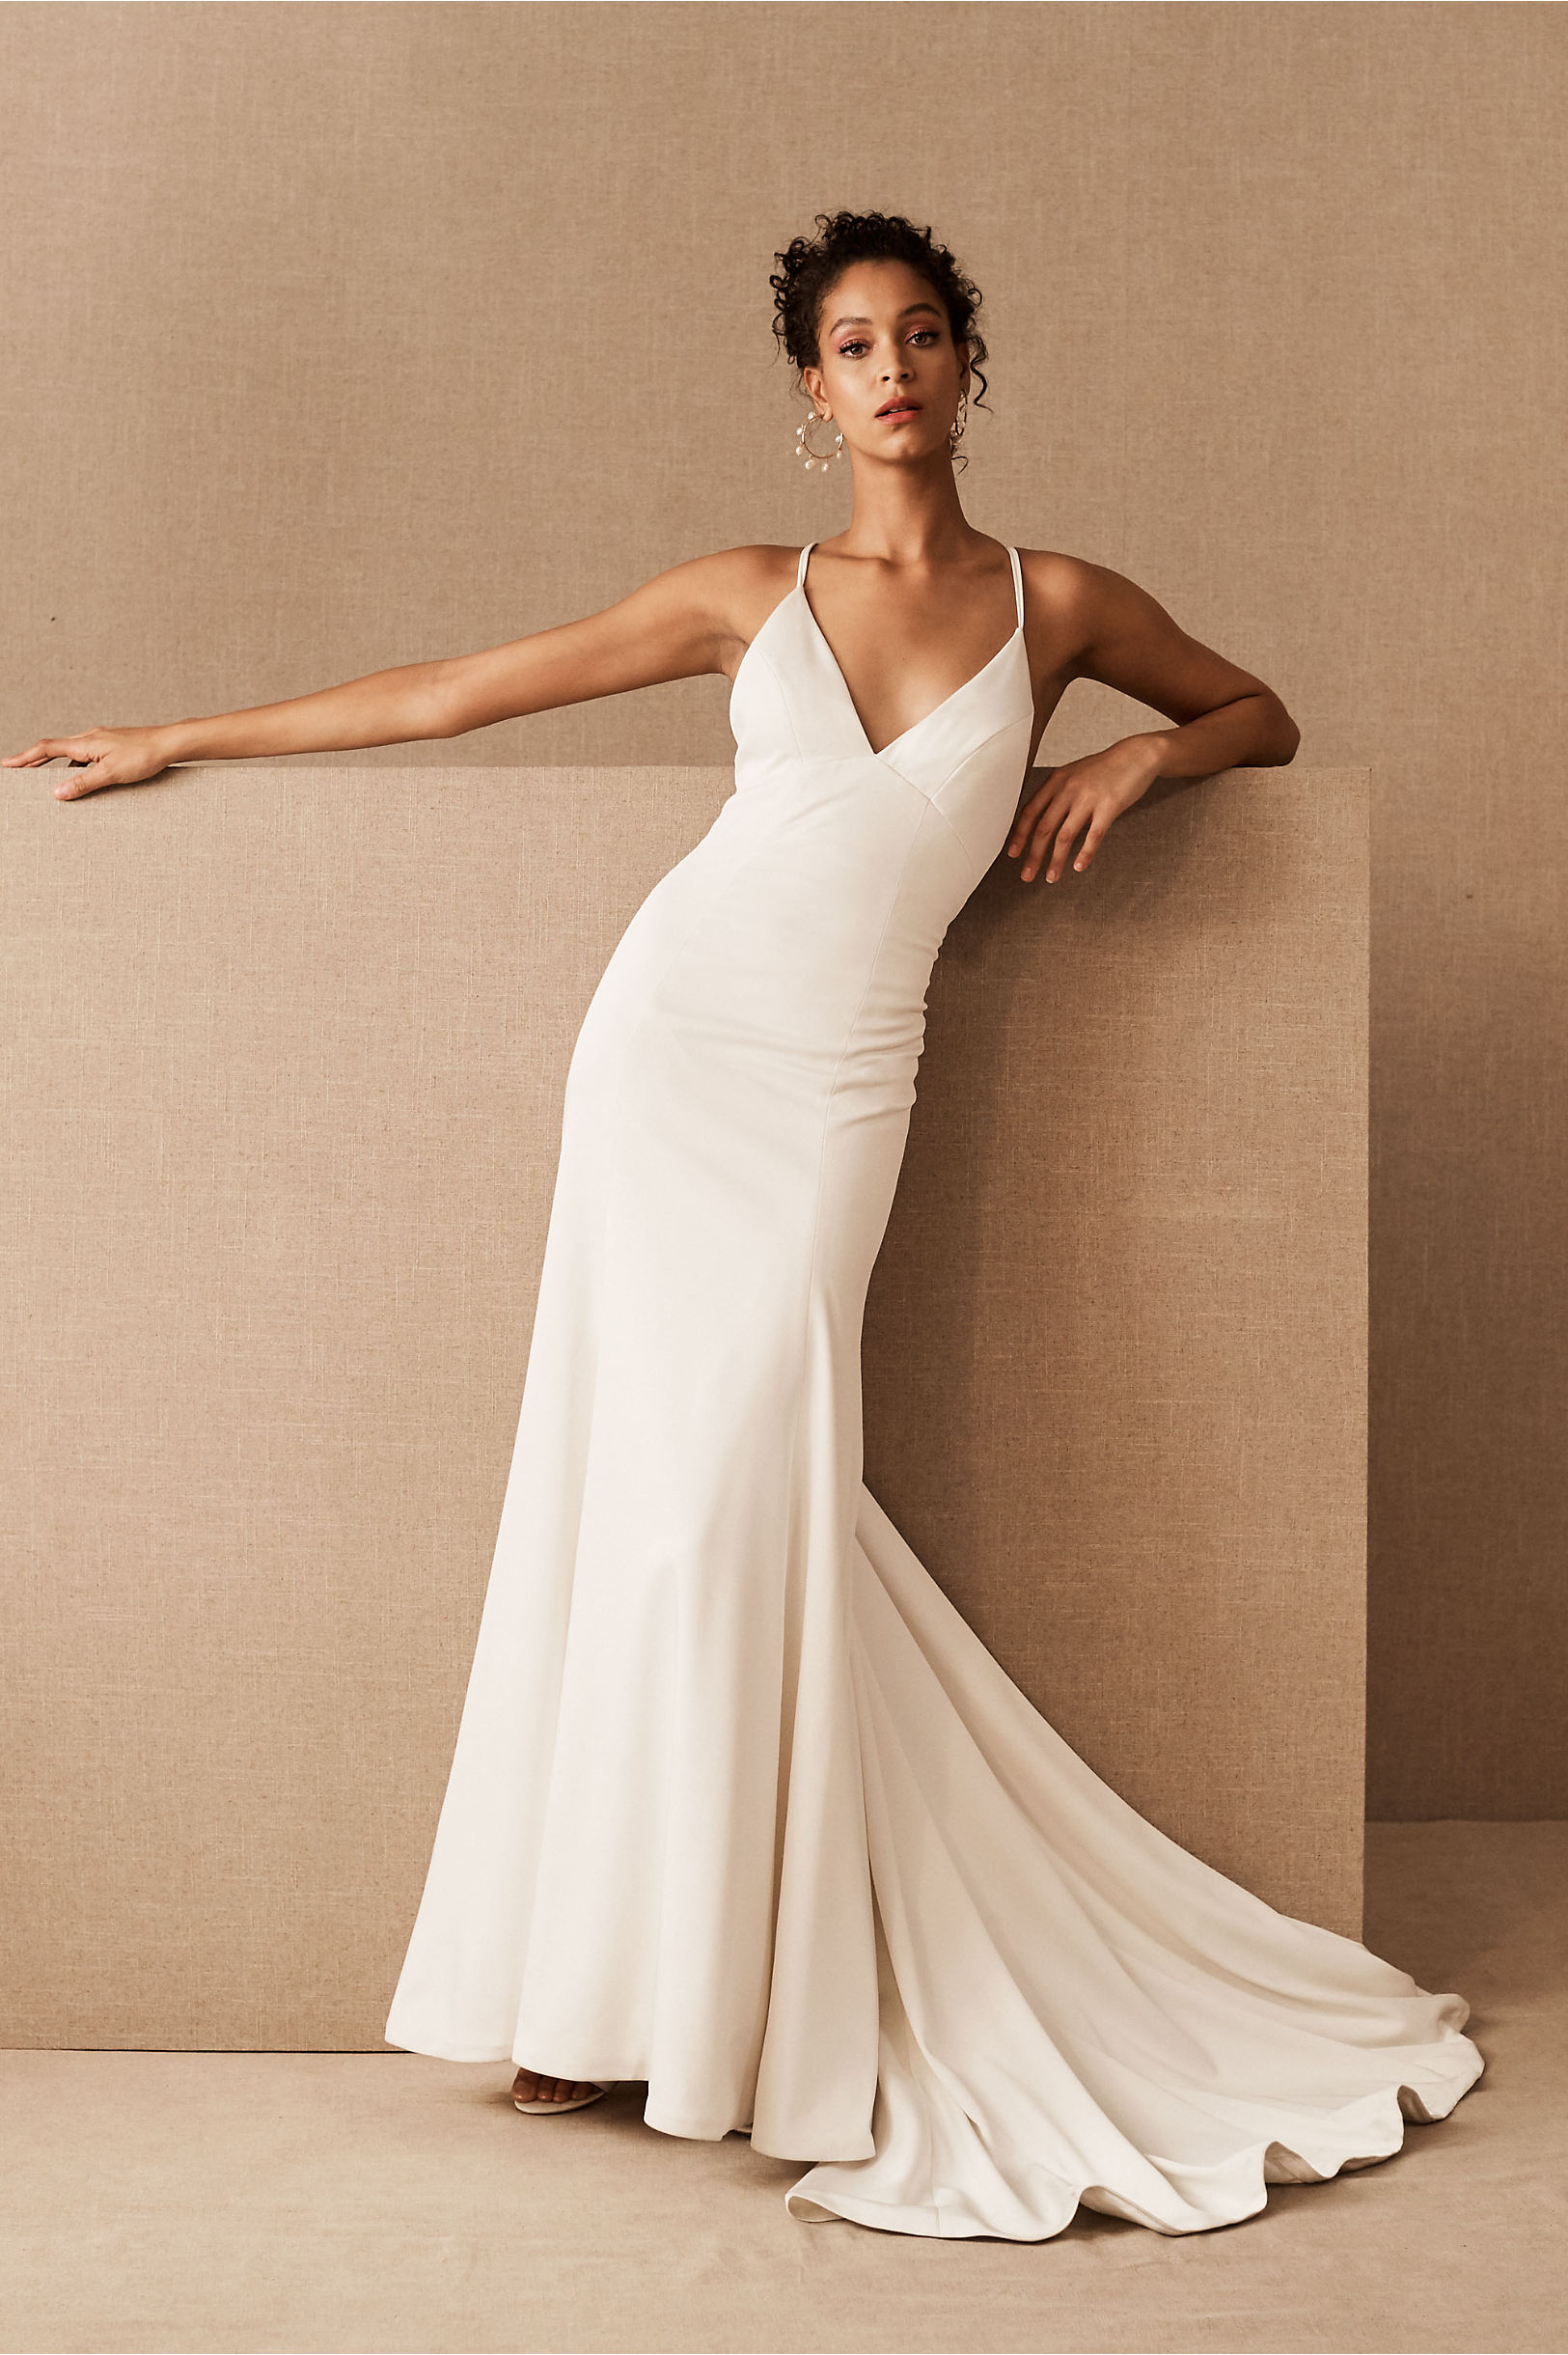 Estelle Gown Ivory in Bride | BHLDN